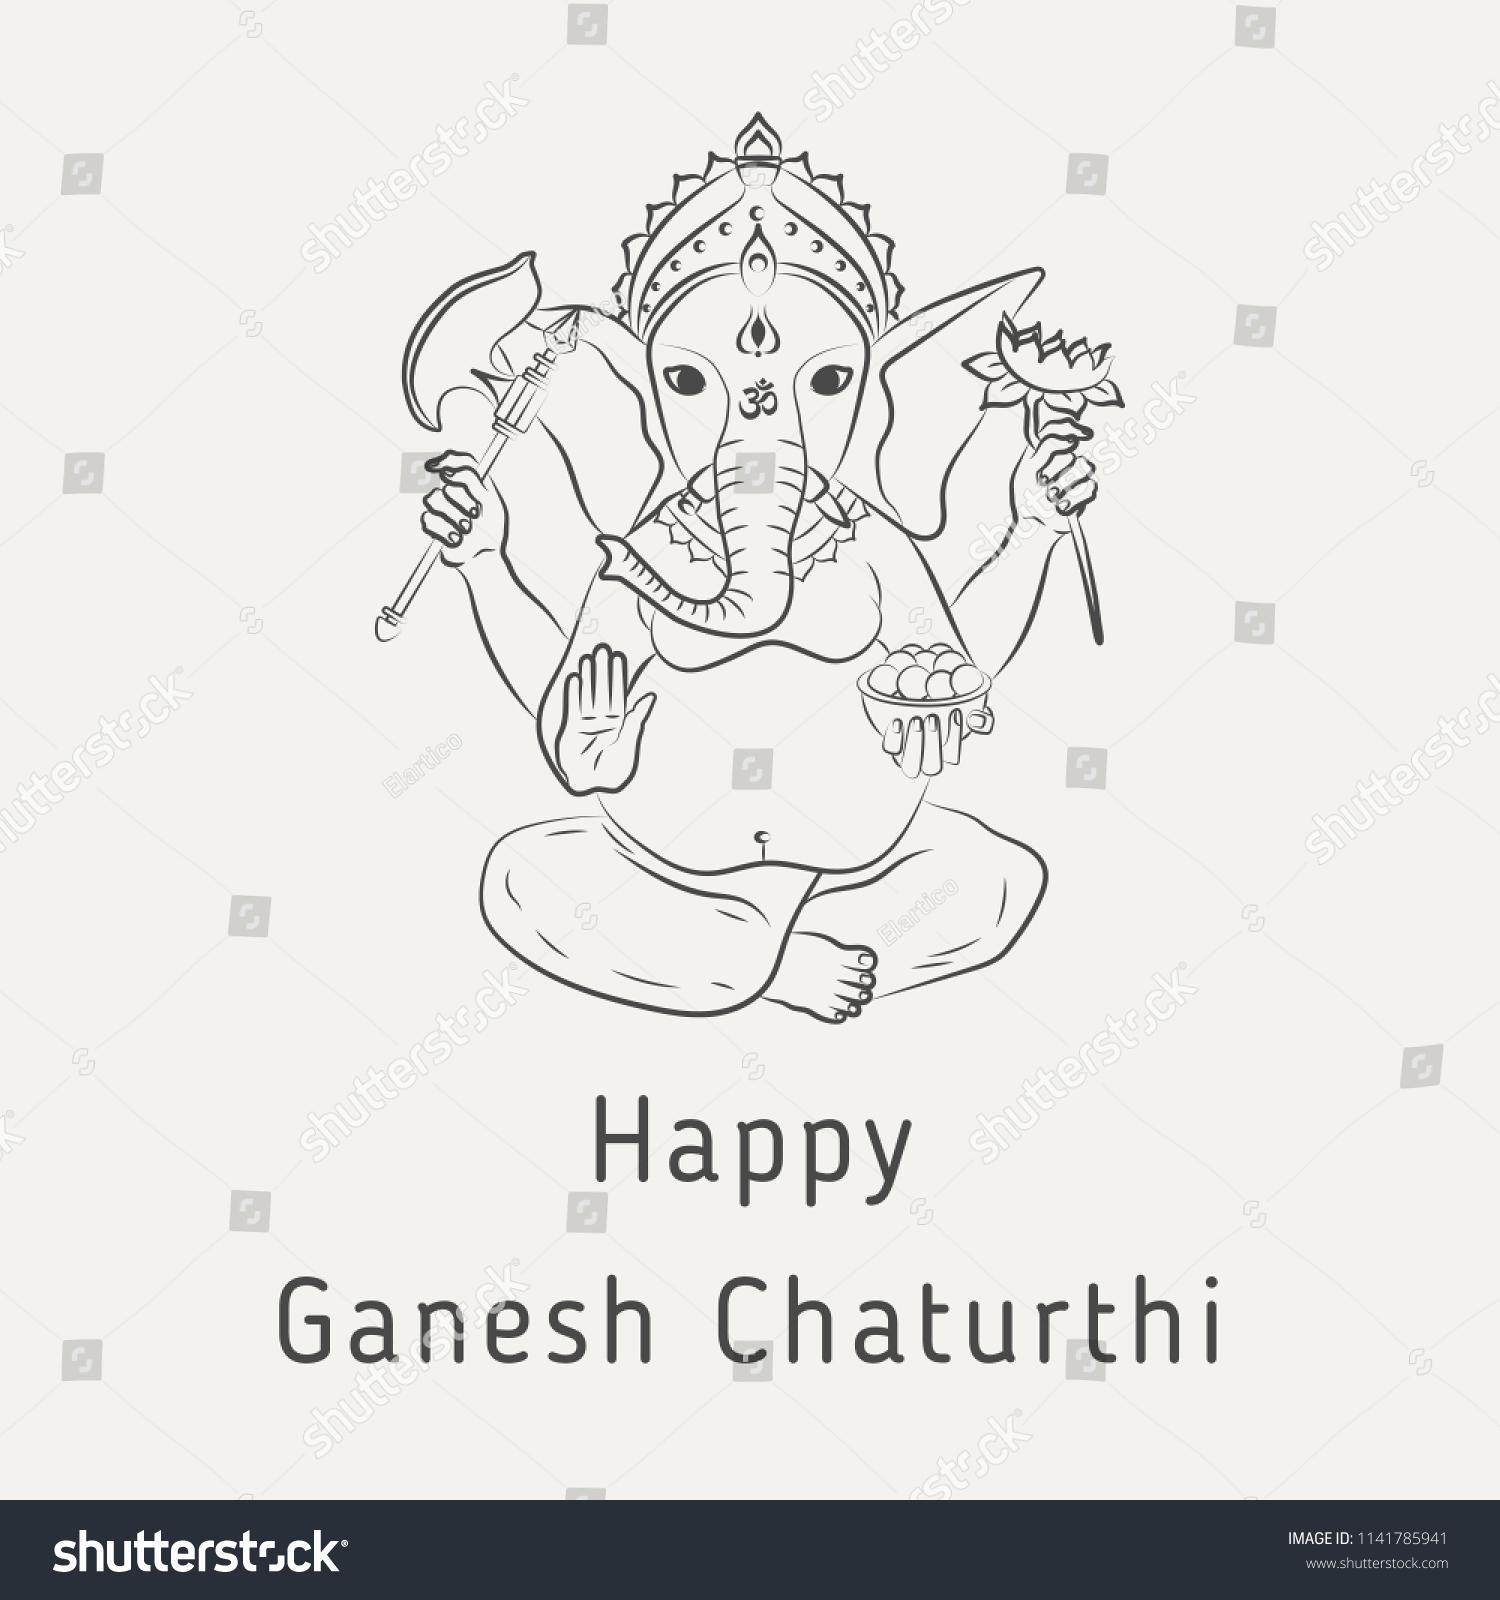 Happy Ganesh Chaturthi Greeting Card Hindu Stock Vector Royalty